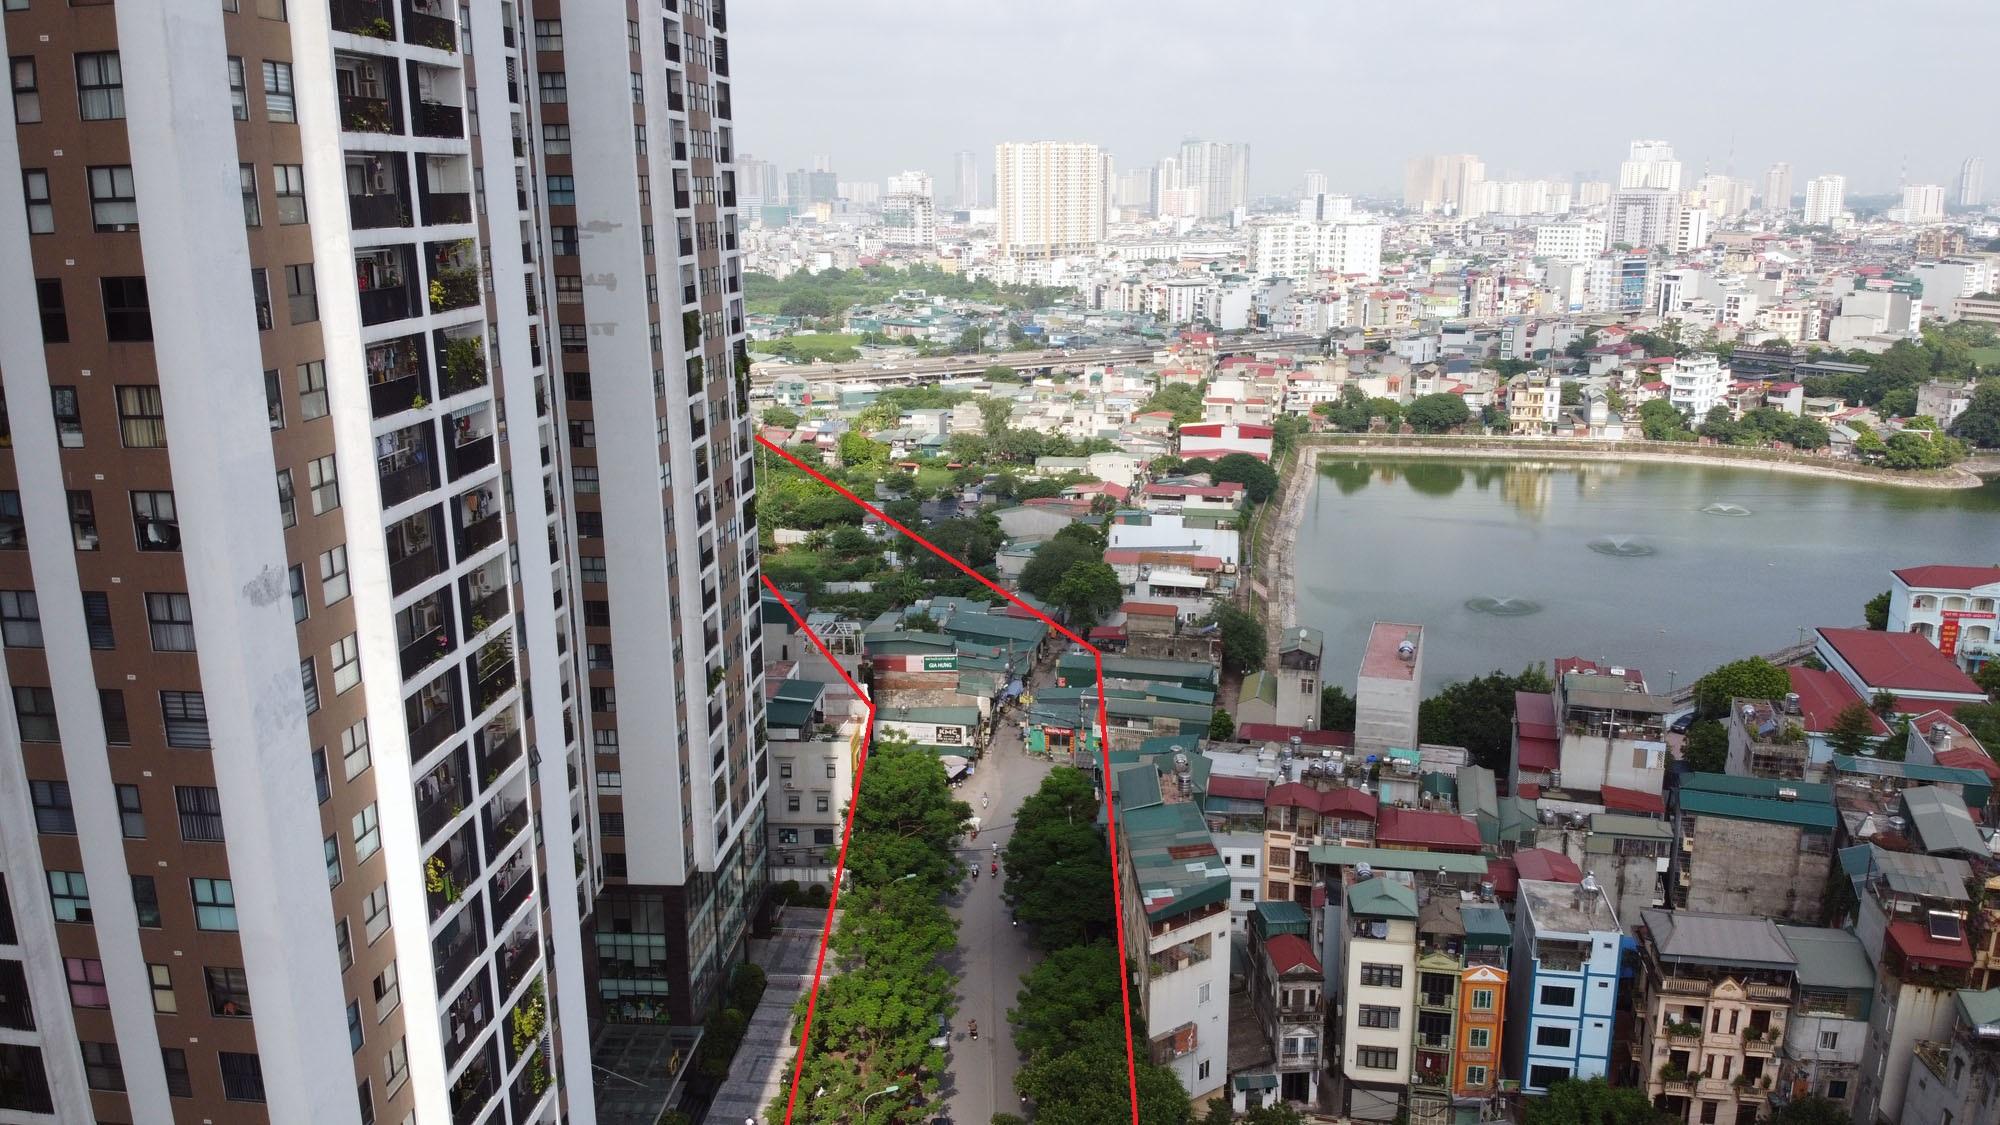 đường sẽ mở theo qui hoạch ở phường Hạ Đình, Thanh Xuân, Hà Nội - Ảnh 5.